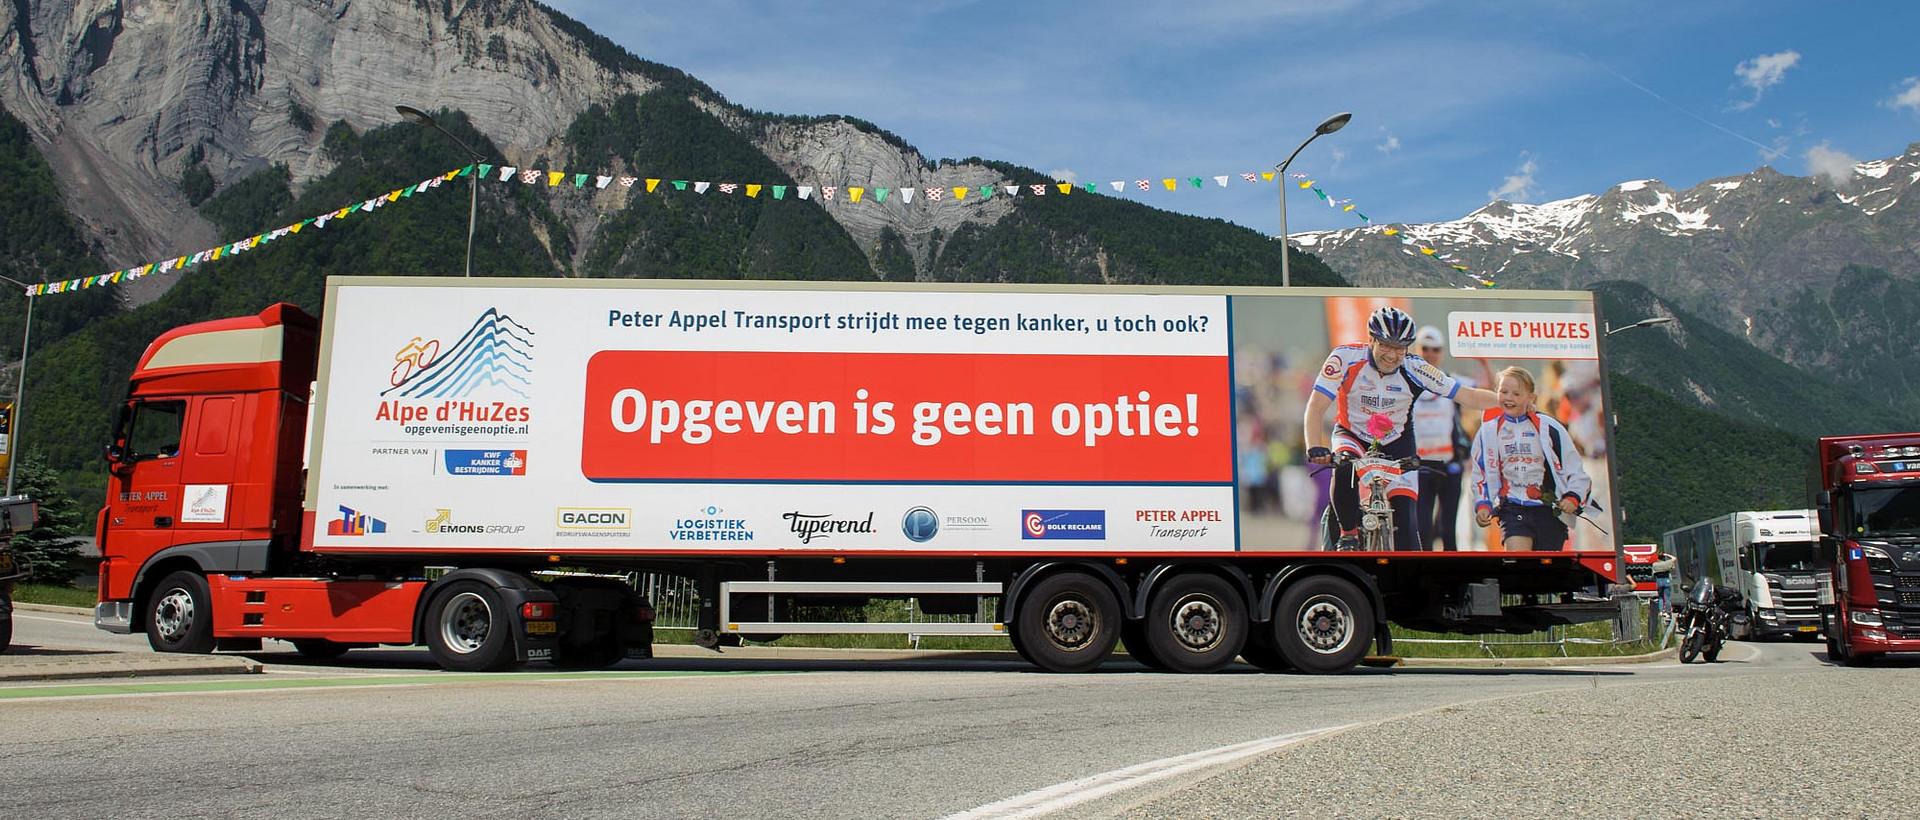 Ruim 11 miljoen bij elkaar gefietst tijdens Alp d'Huzes 2018